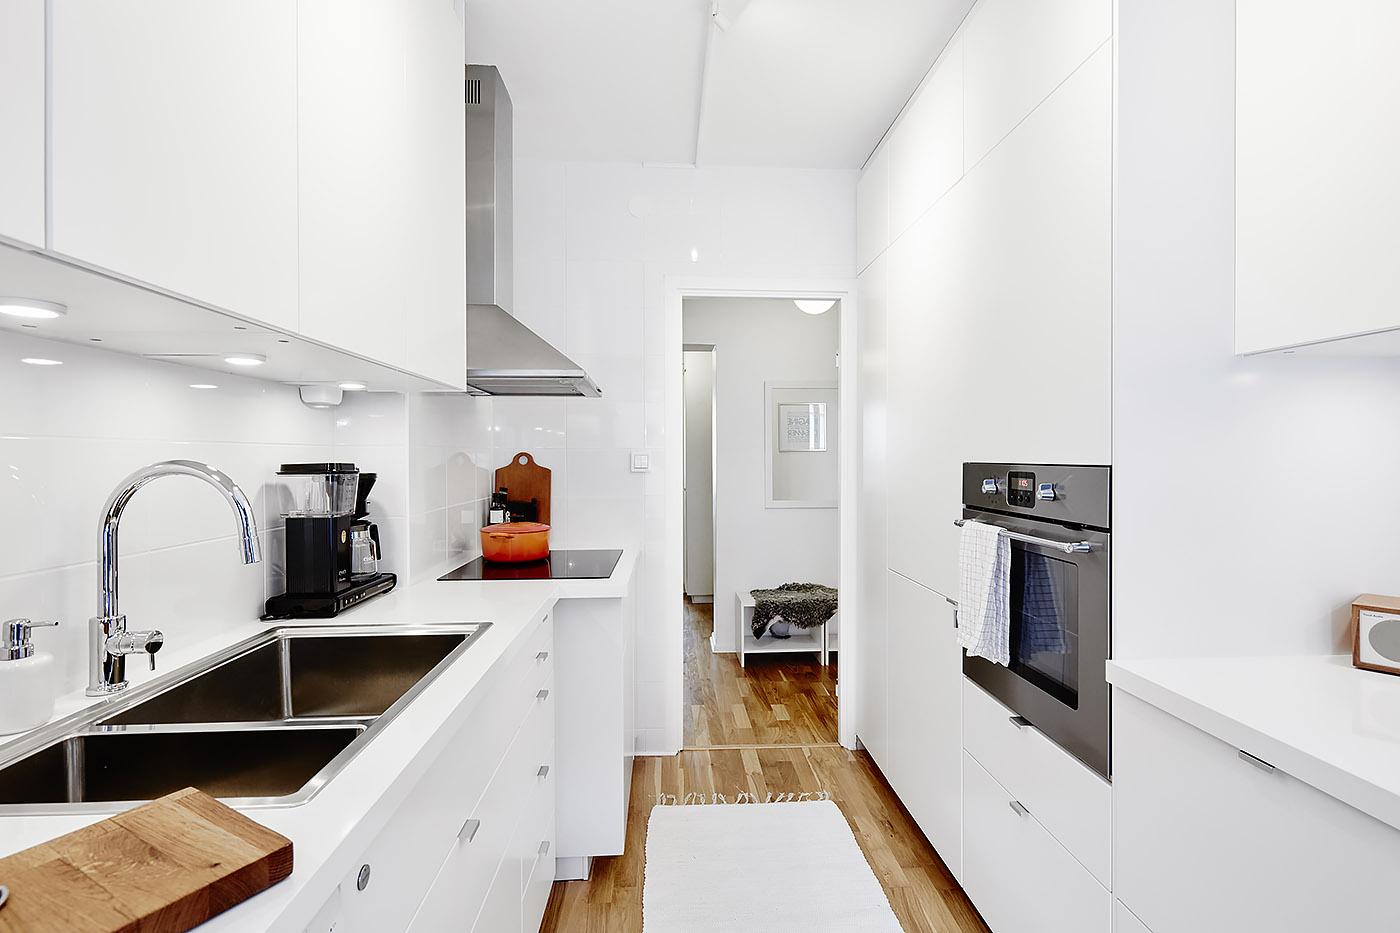 habitaciones juveniles nordicas:habitaciones para jovenes Habitaciones ...